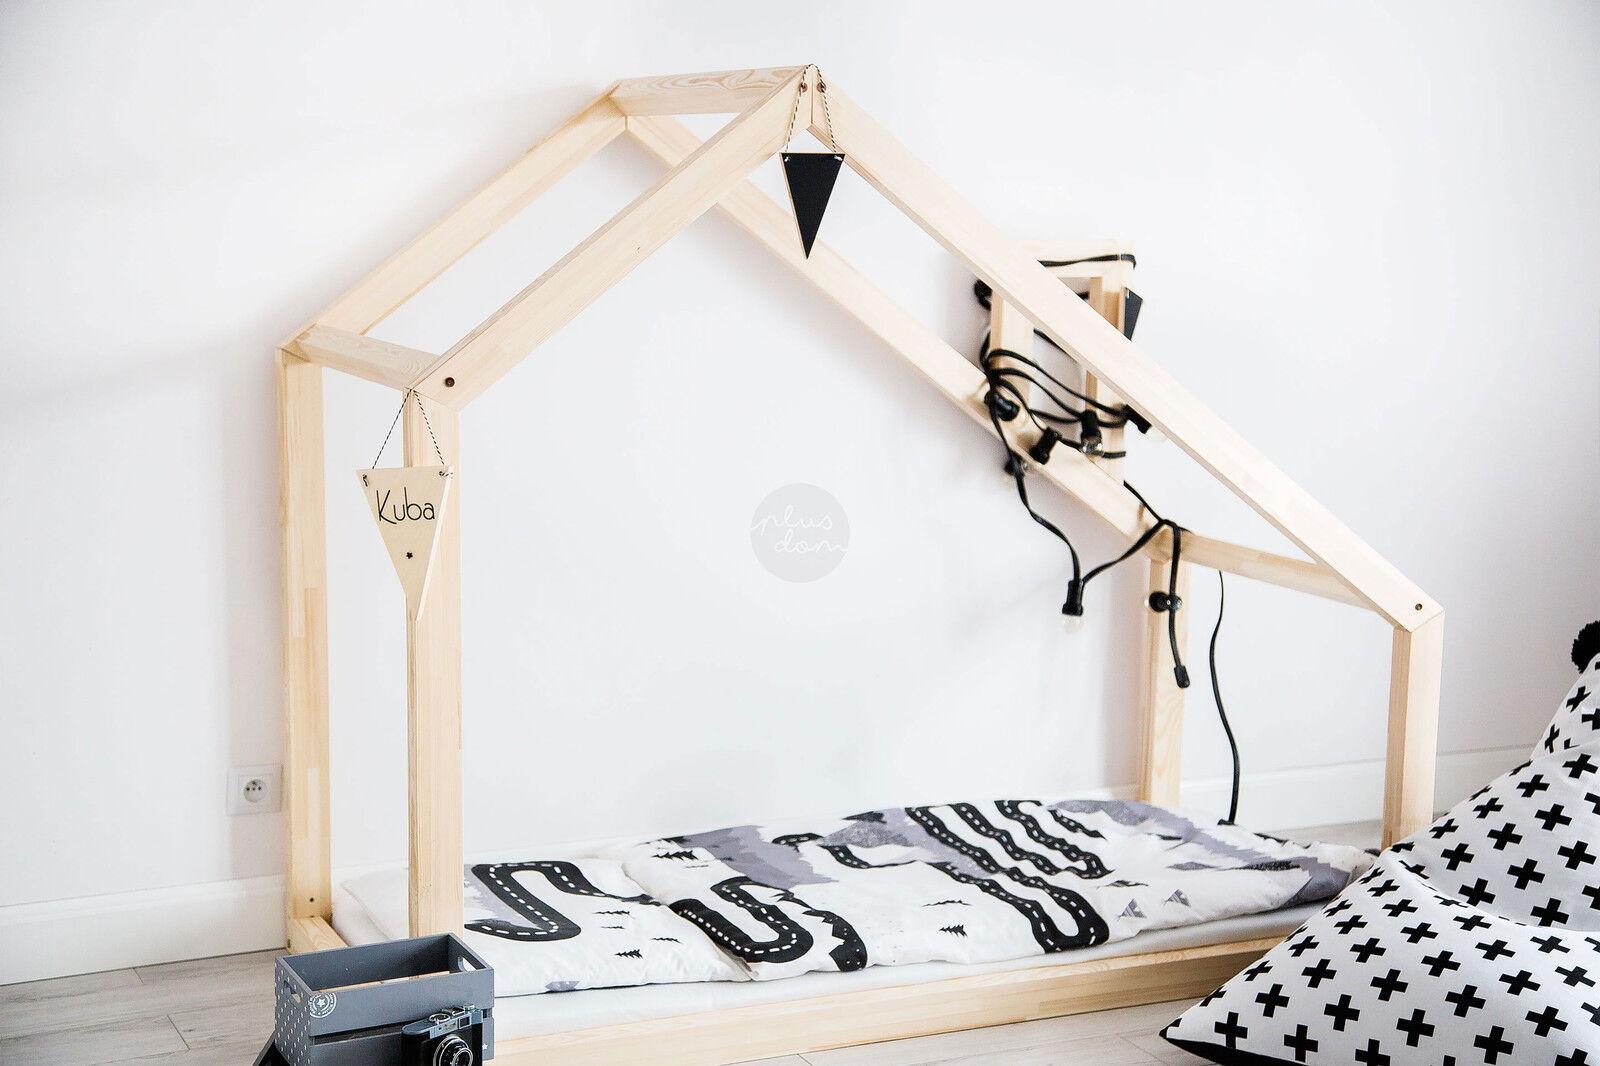 Lit enfant-Maison en bois Lit pour enfants Talo d3 100x190 cm